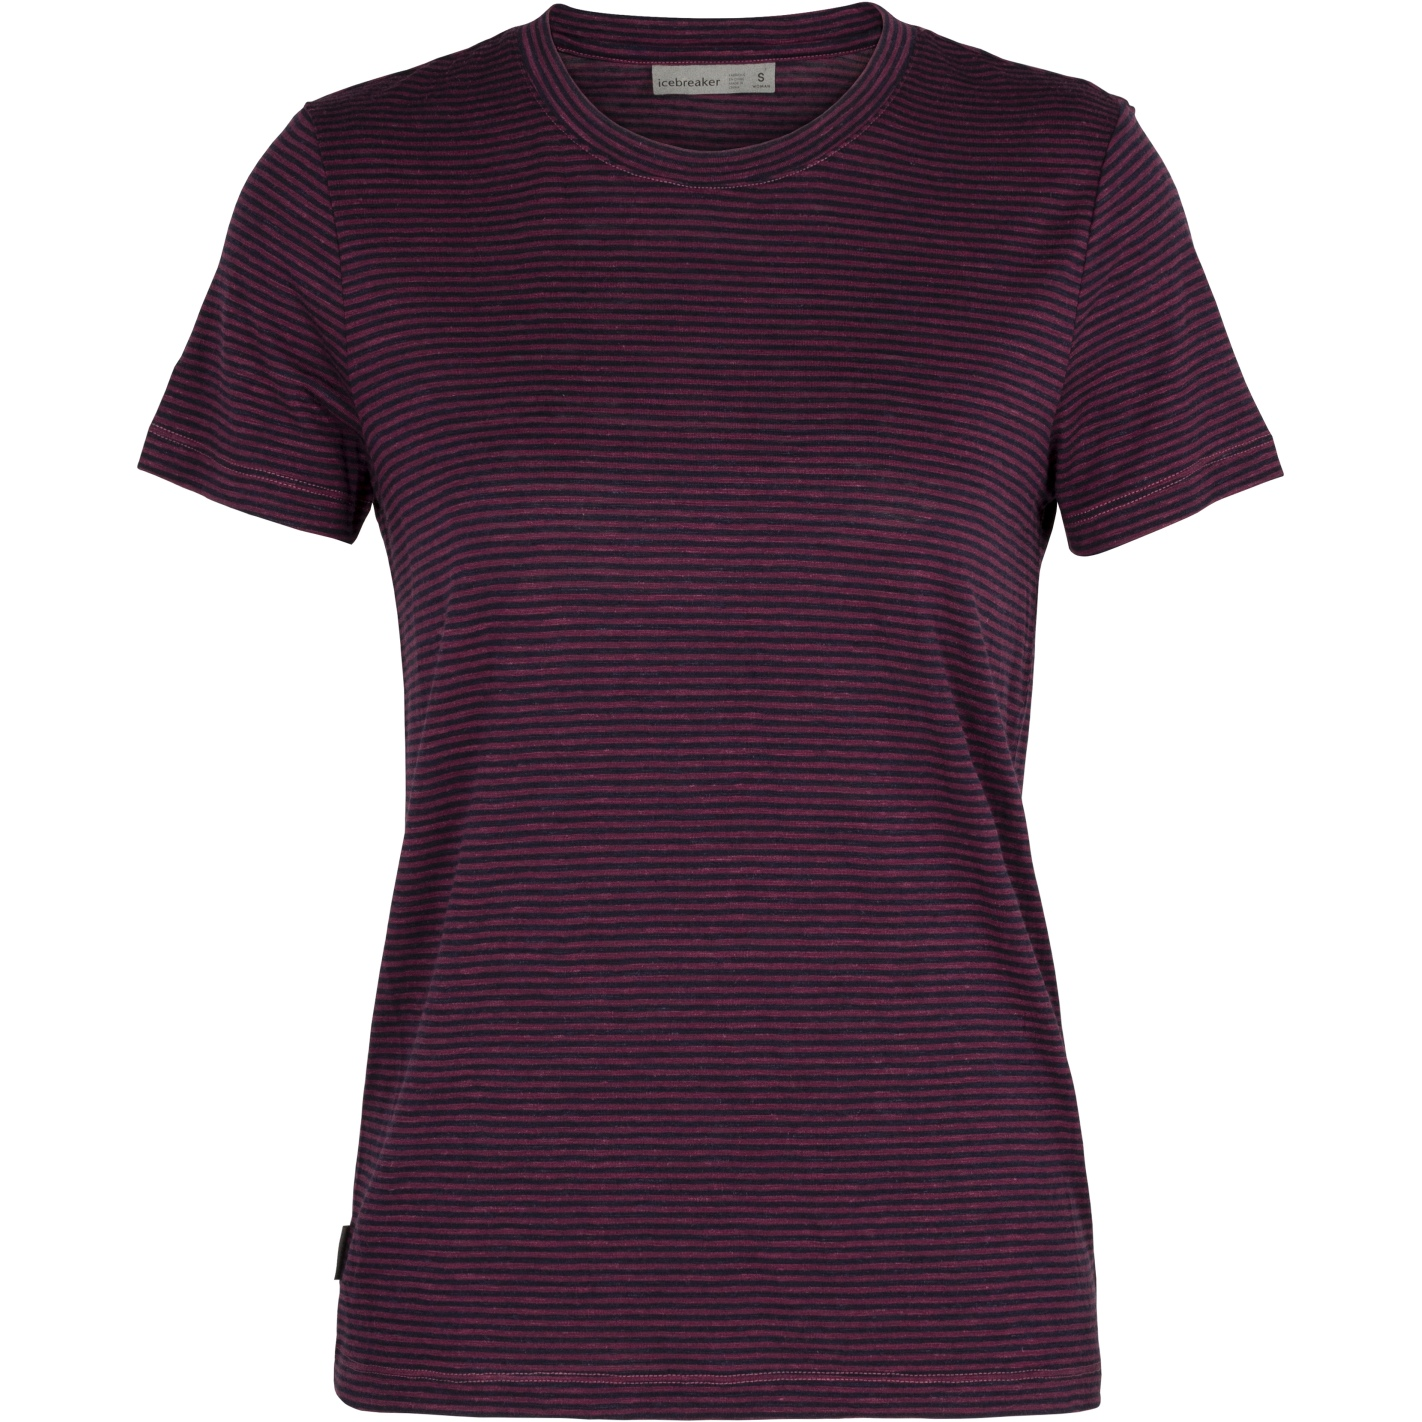 Bild von Icebreaker Dowlas Crewe Stripe Damen T-Shirt - Brazilwood